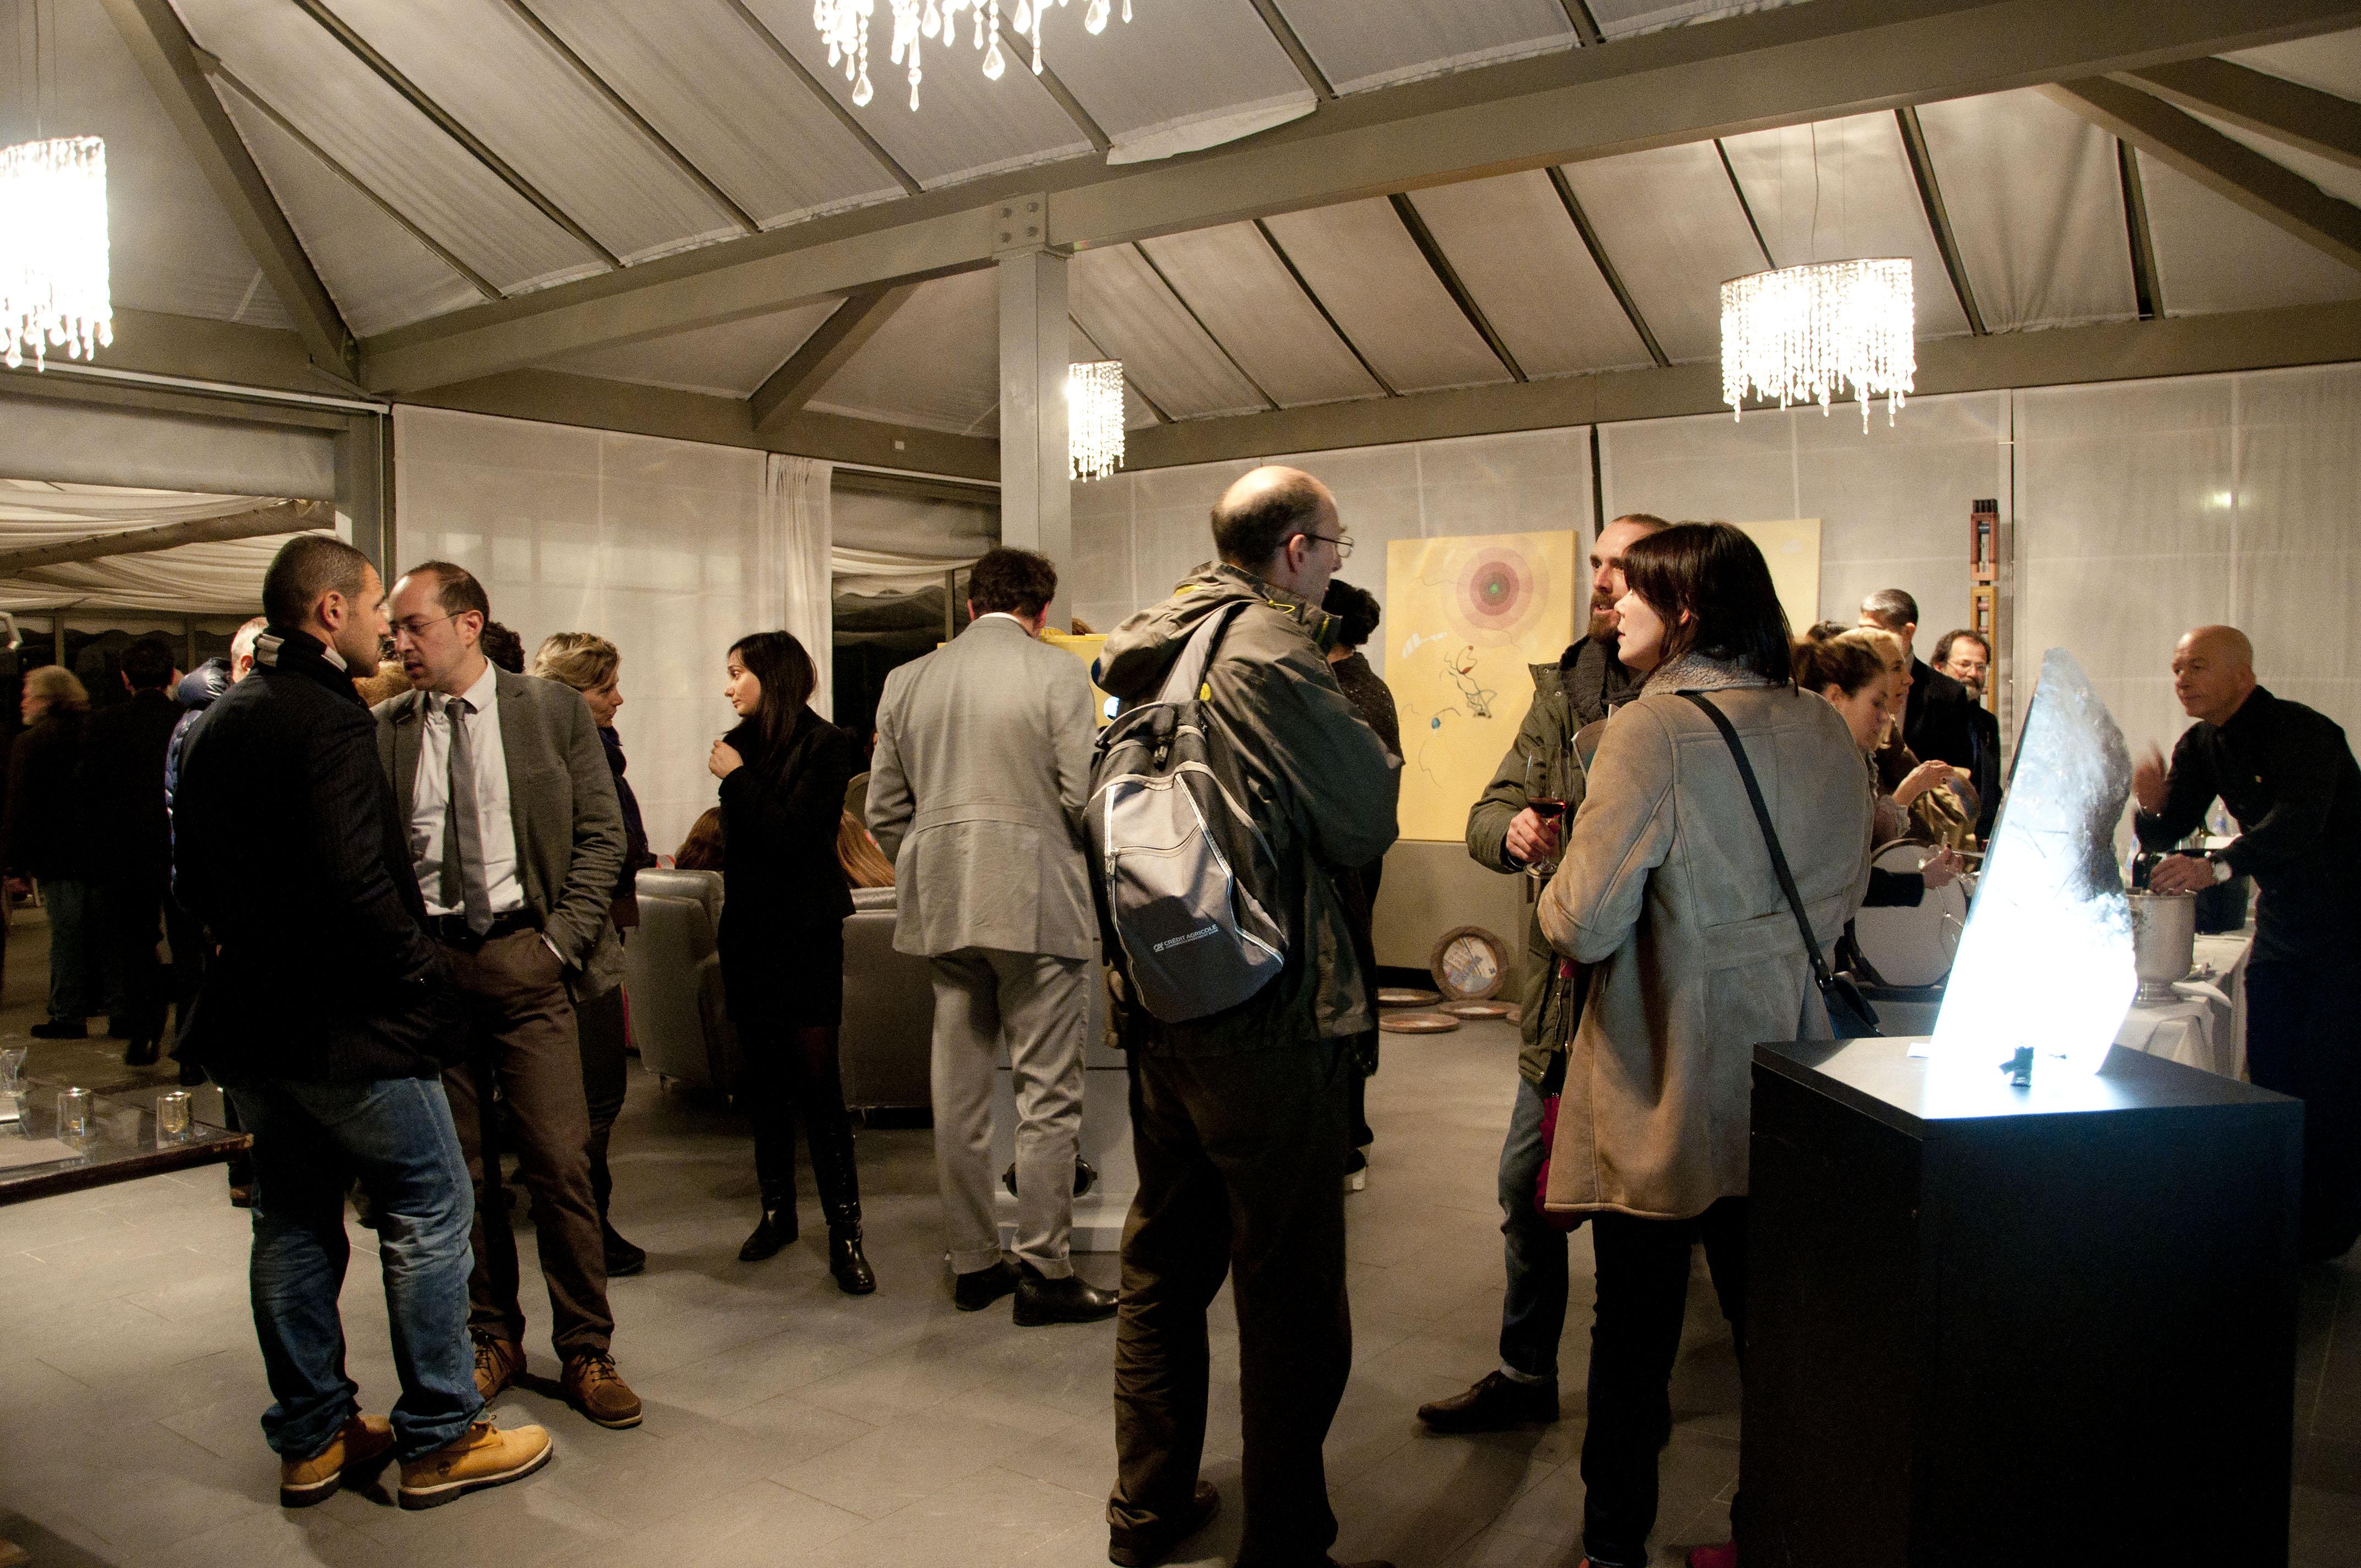 Inaugurazione Artour-o Il Must, Firenze 7 marzo 2013